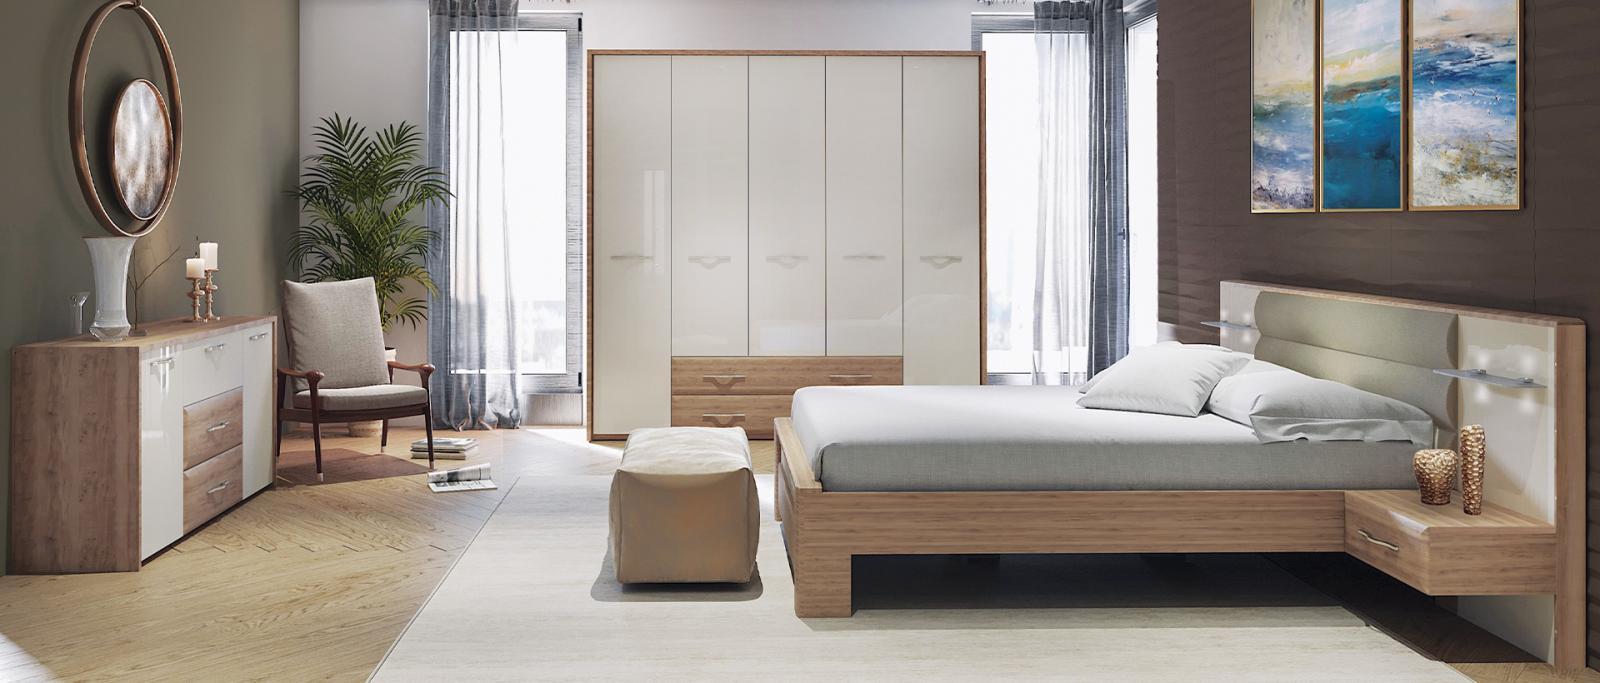 KALLA GALA složiva spavaća soba Jela